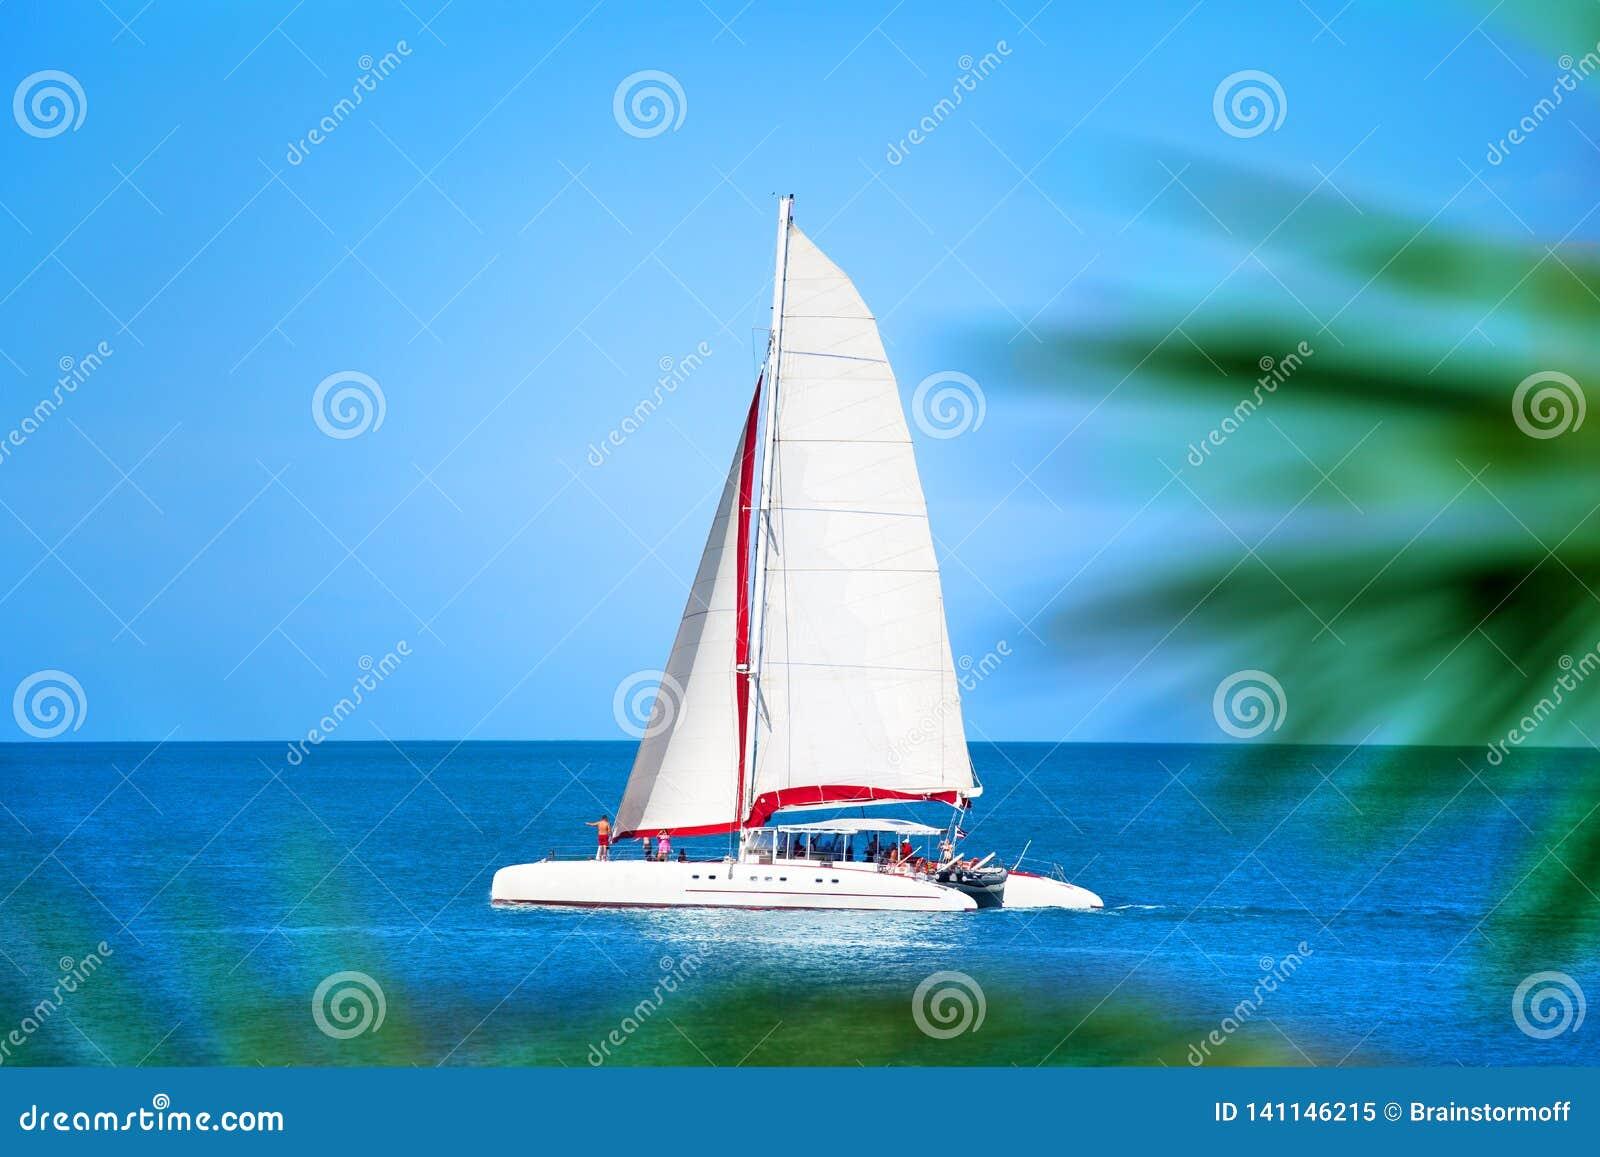 O catamarã com a vela branca no mar azul, ramos fundo da palma, pessoa relaxa no barco, viagem do mar das férias de verão no navi